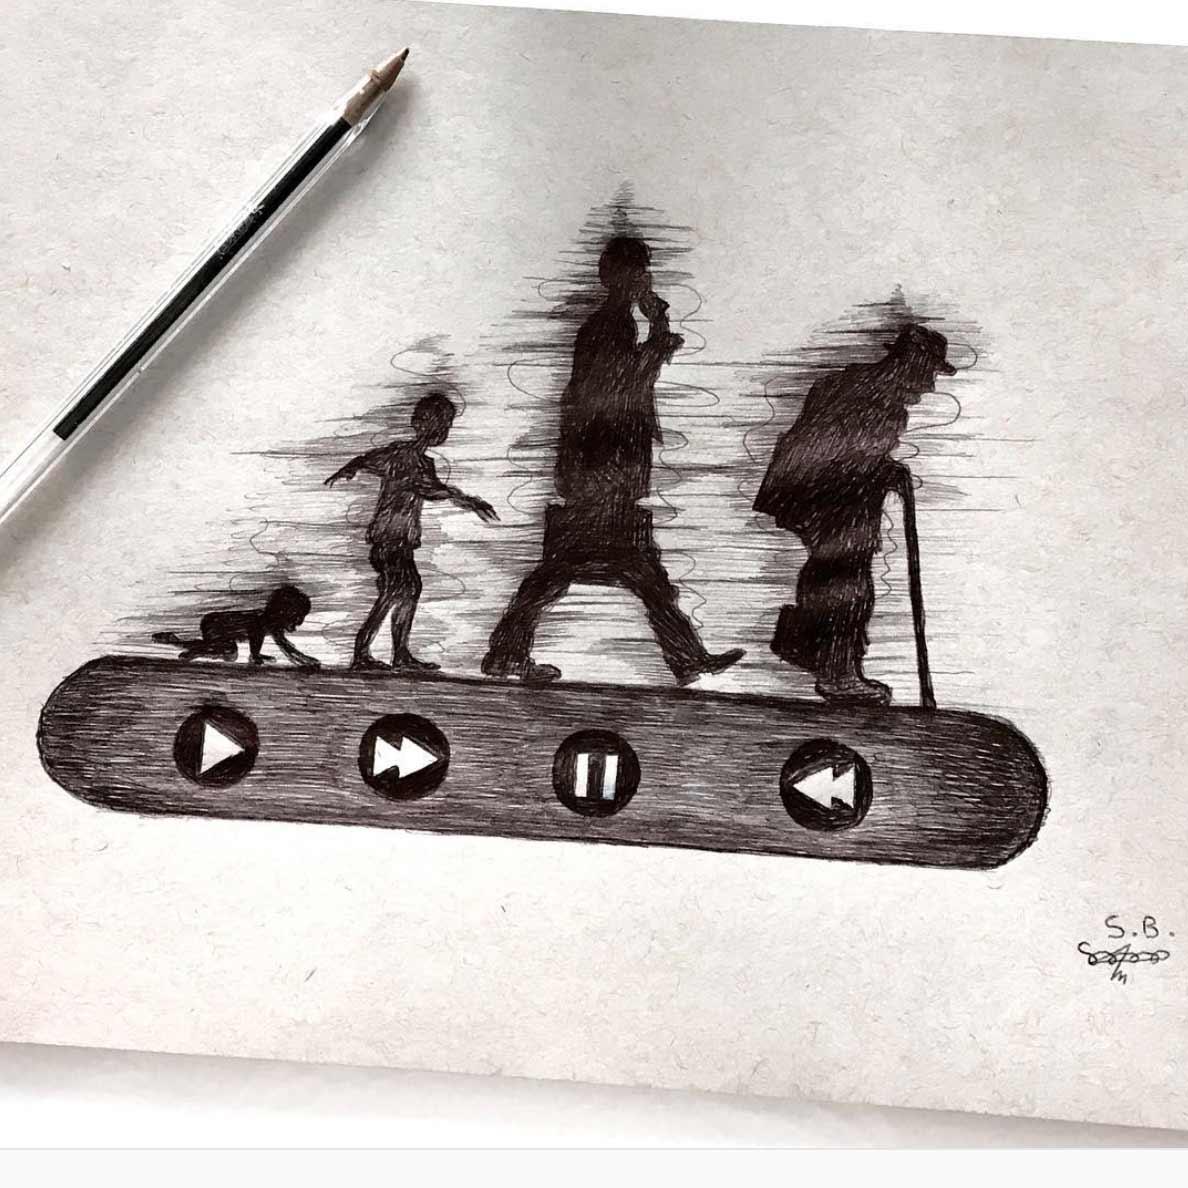 Gesellschaftskritische Zeichnungen von Sam Bailey Sam-Bailey-Zeichnungen_02